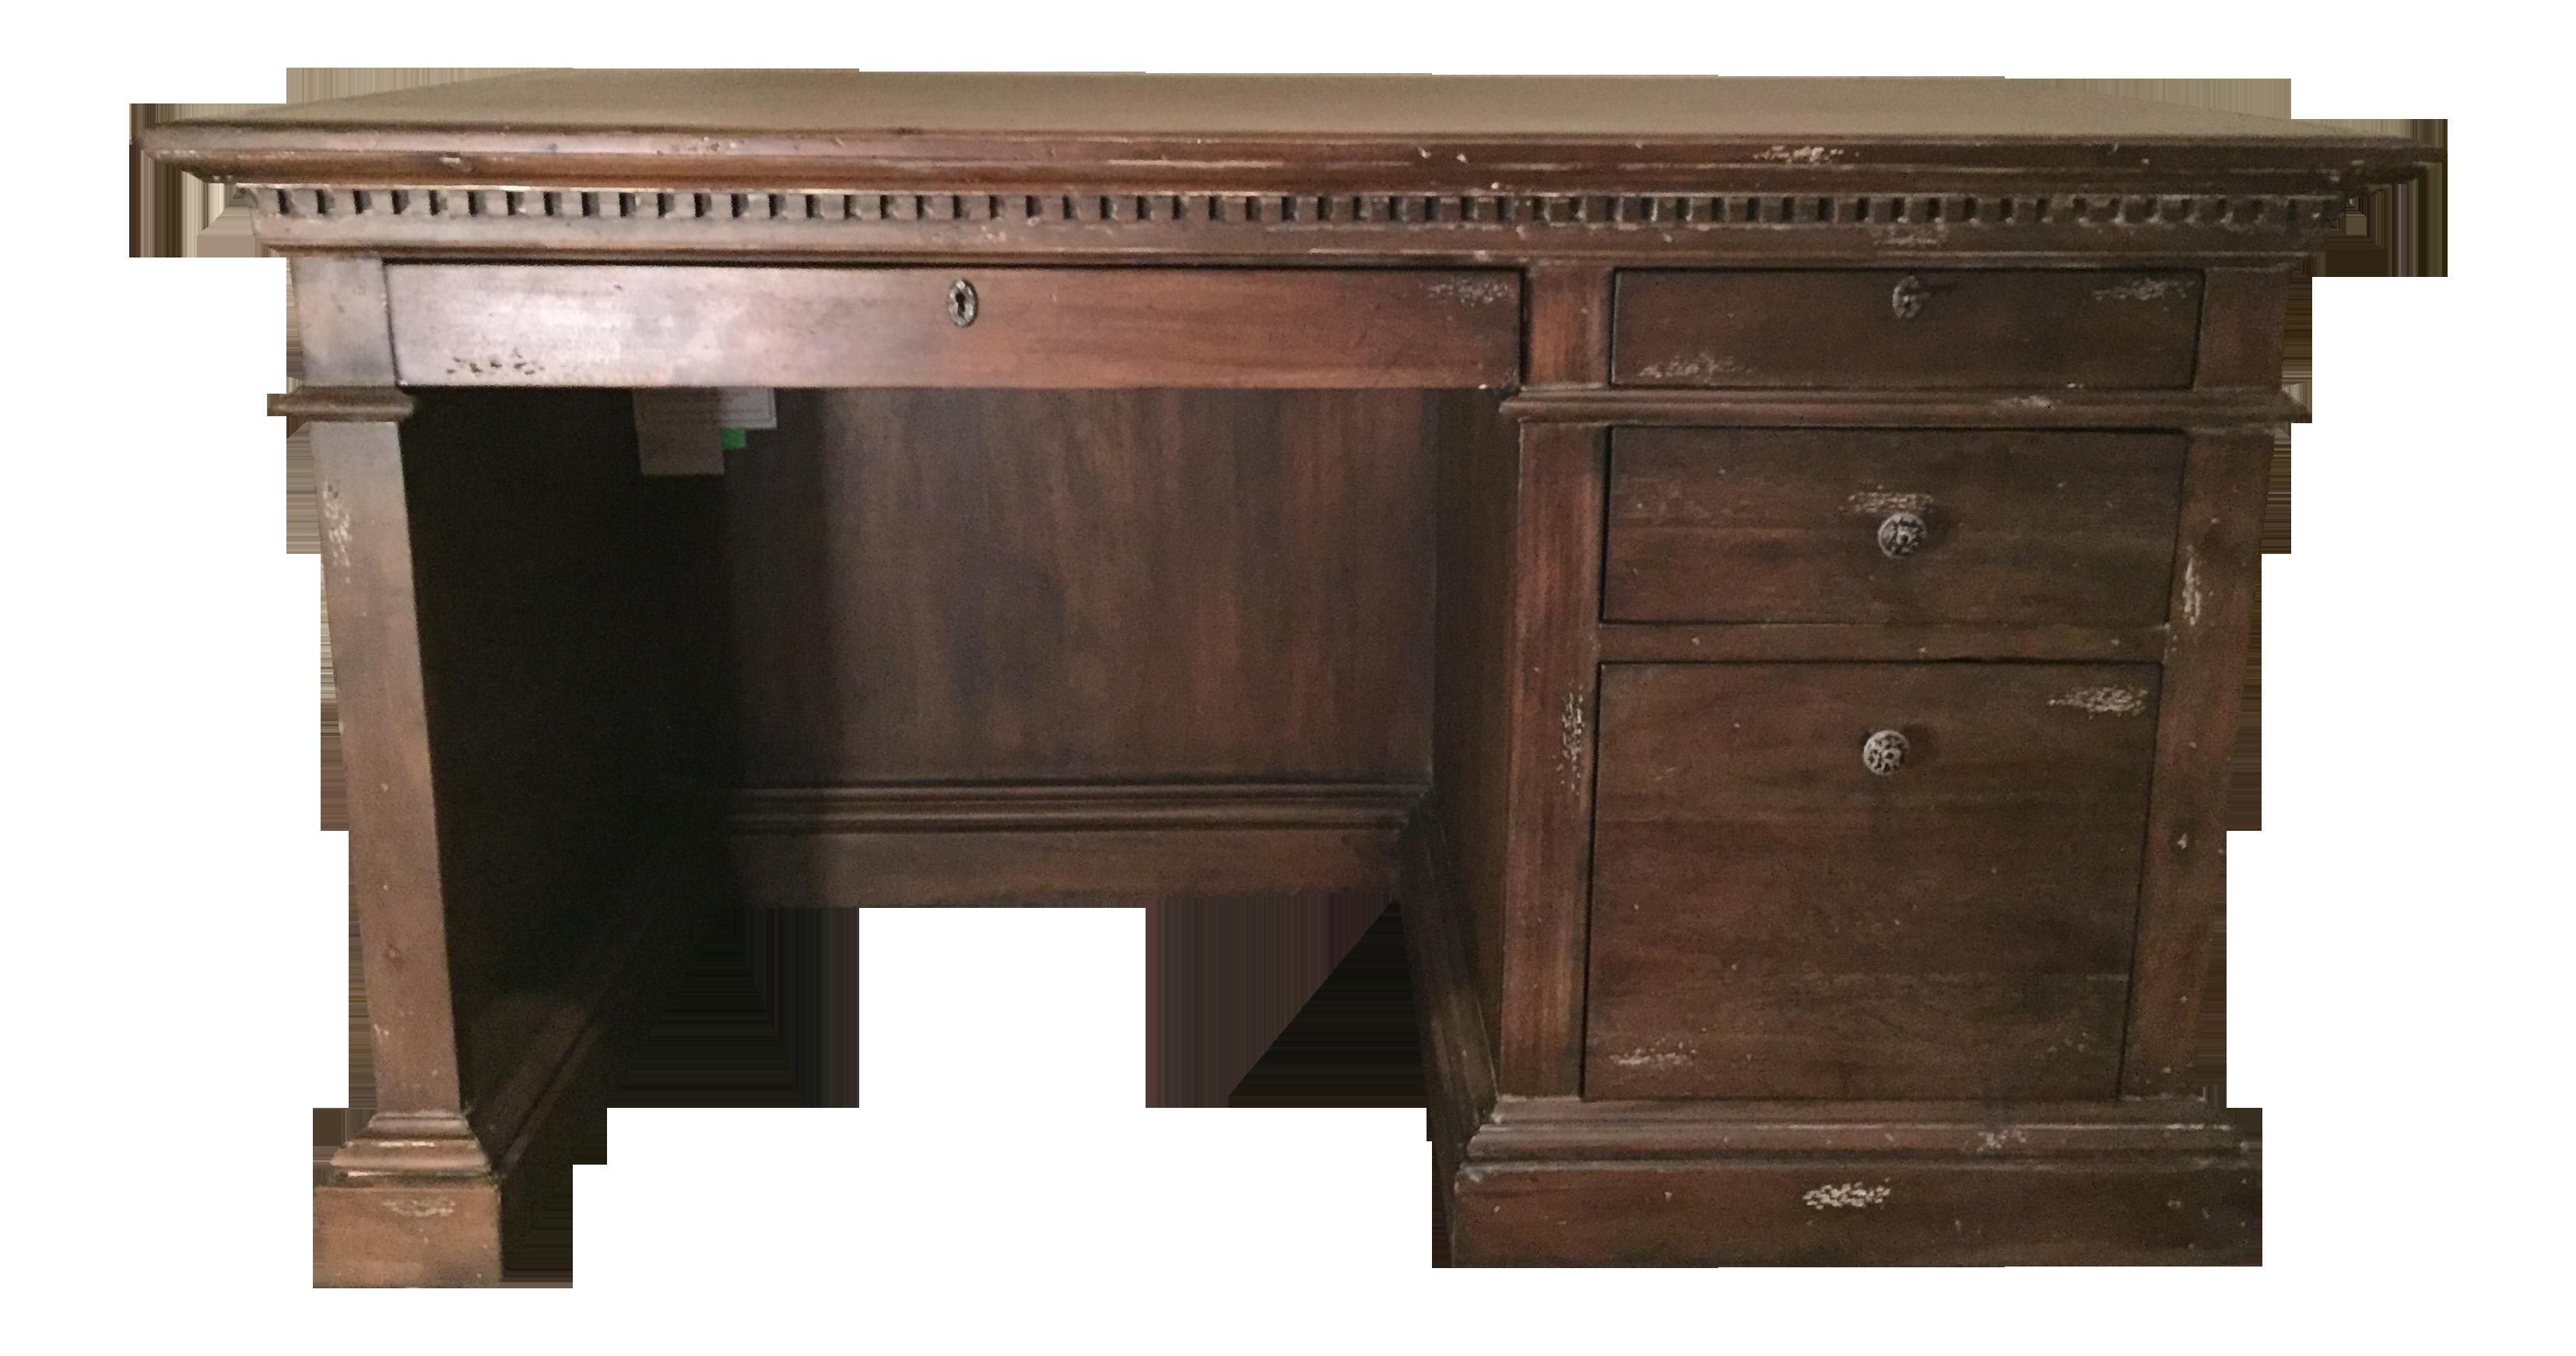 to for desks hardware price up design from more find i desk steamer sale restoration off at reduced mayfair